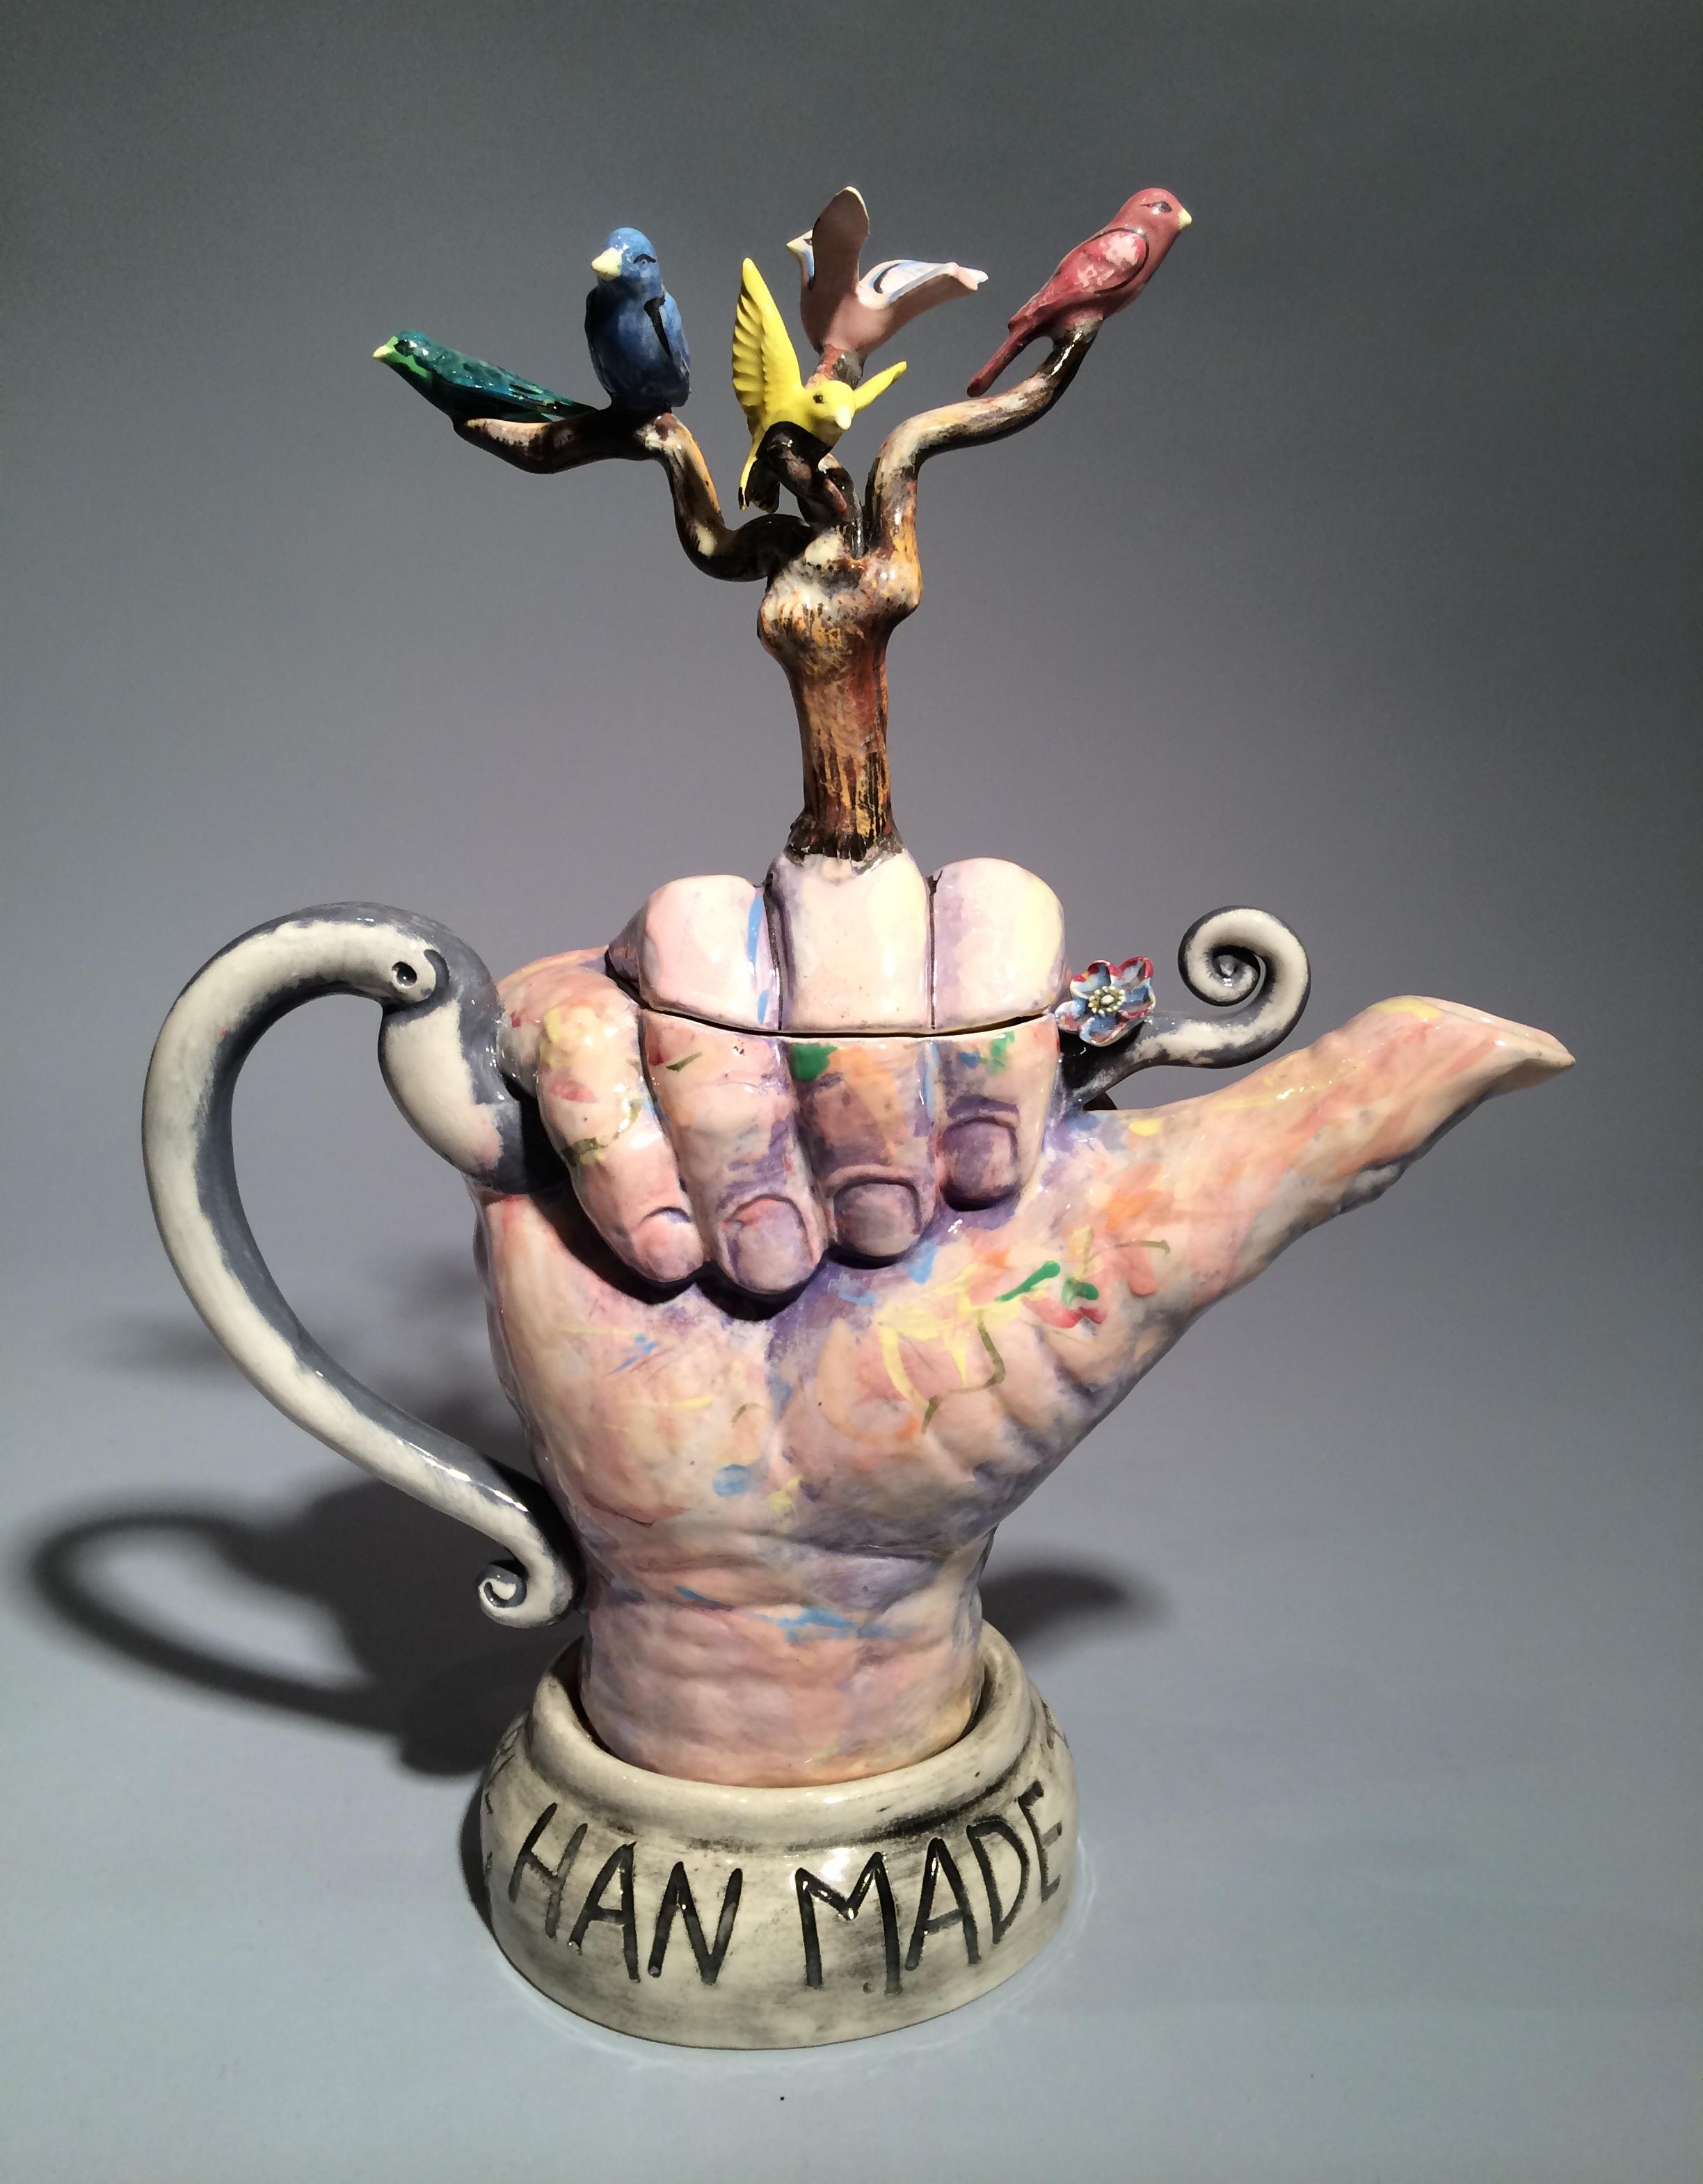 Jack Earl, Han Made Teapot, porcelain, ceramic, Sherrie Gallerie